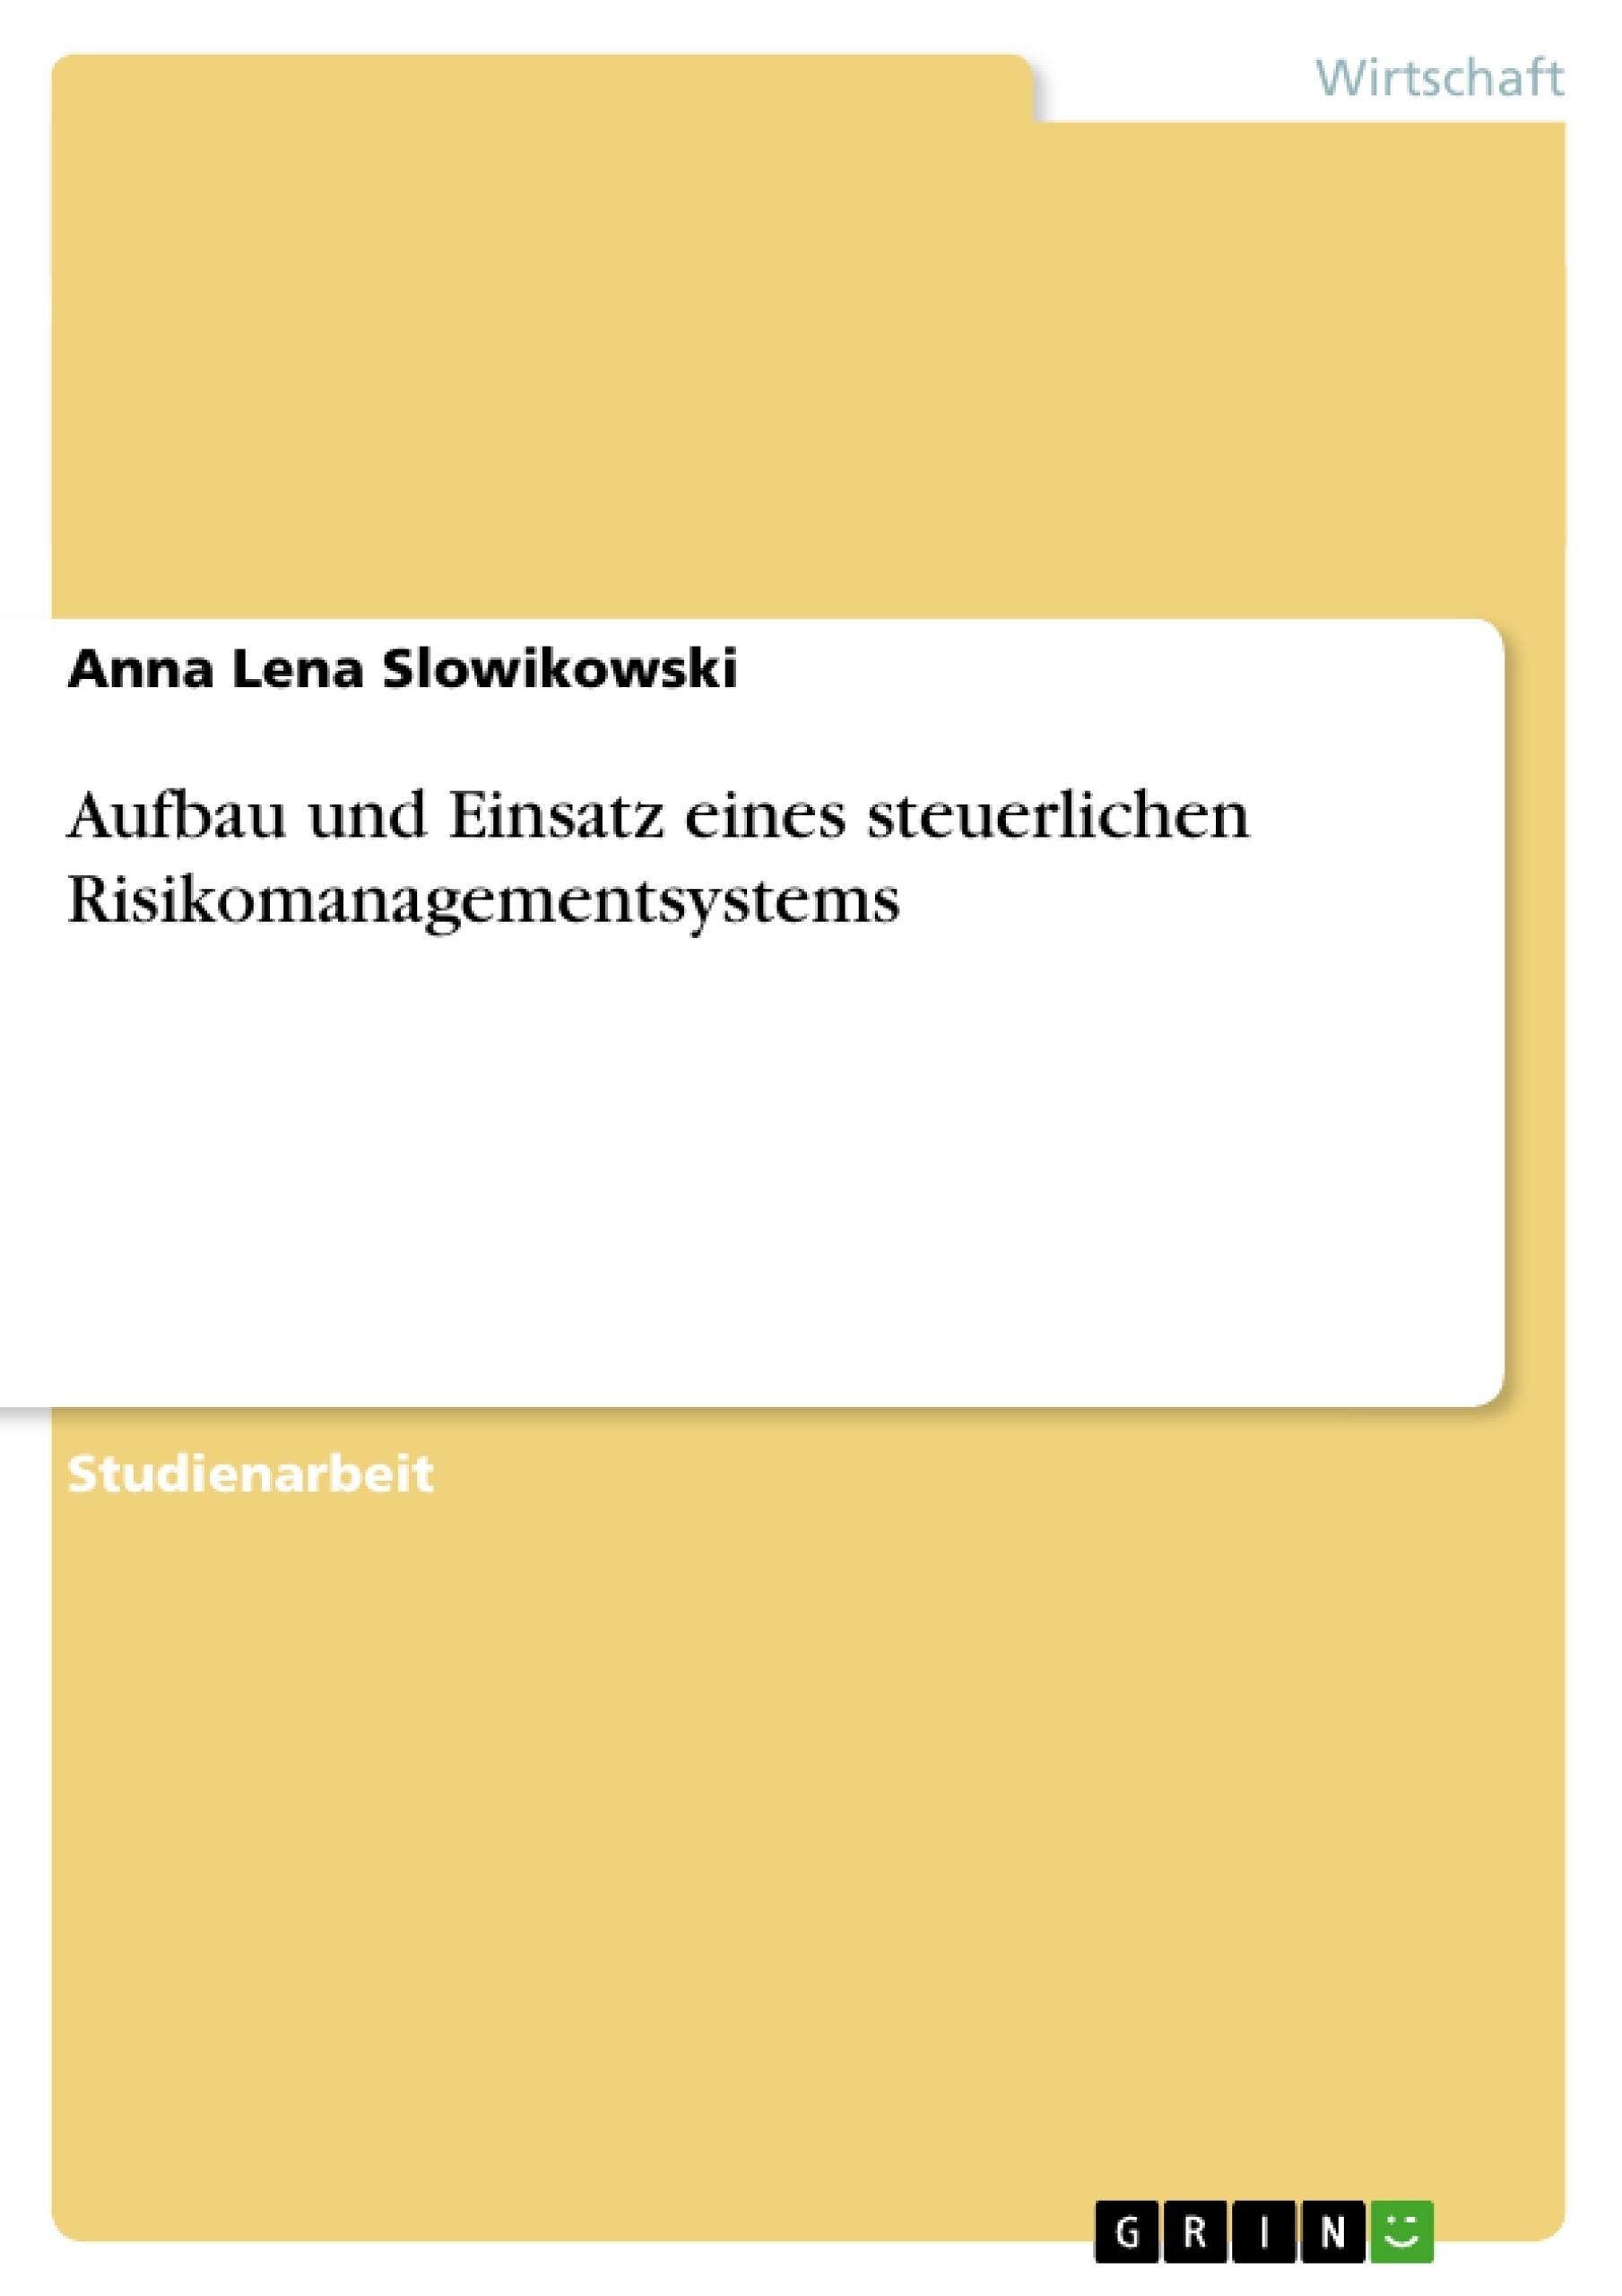 Titel: Aufbau und Einsatz eines steuerlichen Risikomanagementsystems